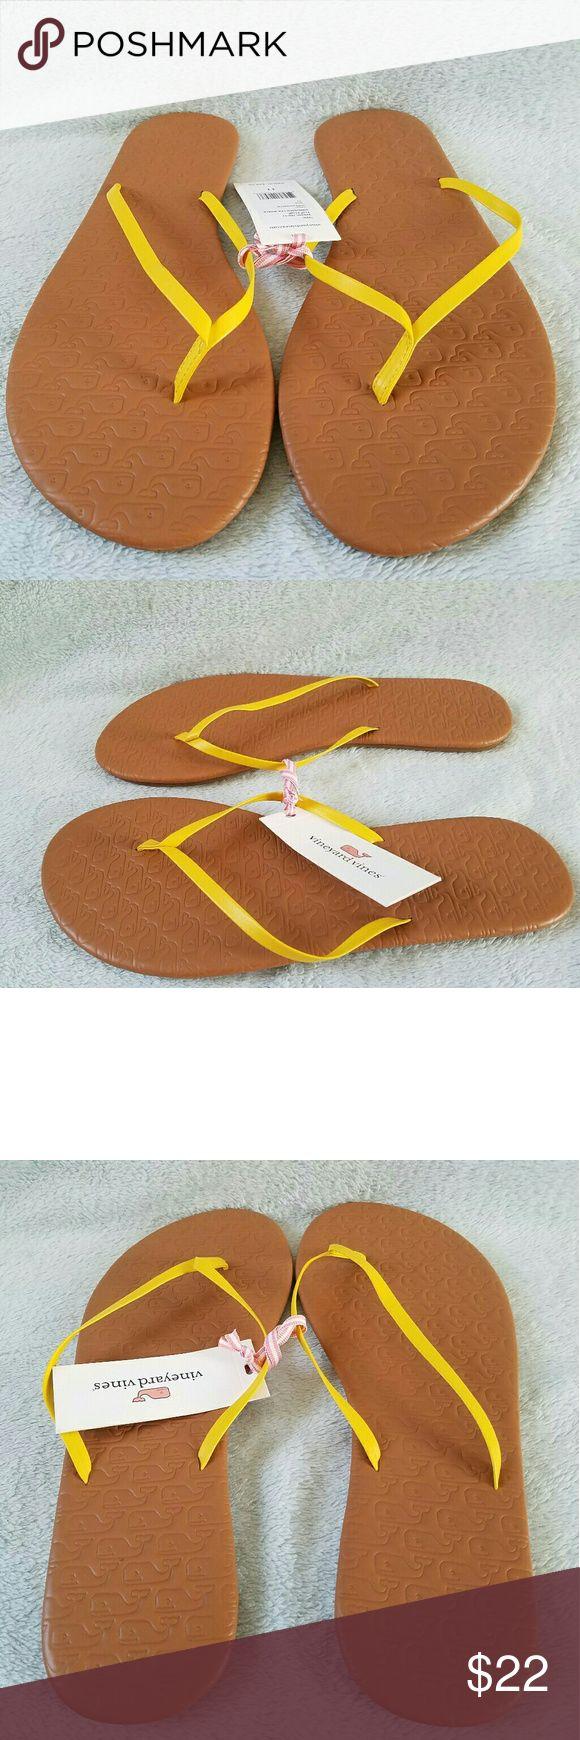 NEW Vineyard Vines women's yellow flip flops NEW Vineyard Vines women's yellow flip flops Vineyard Vines  Shoes Sandals